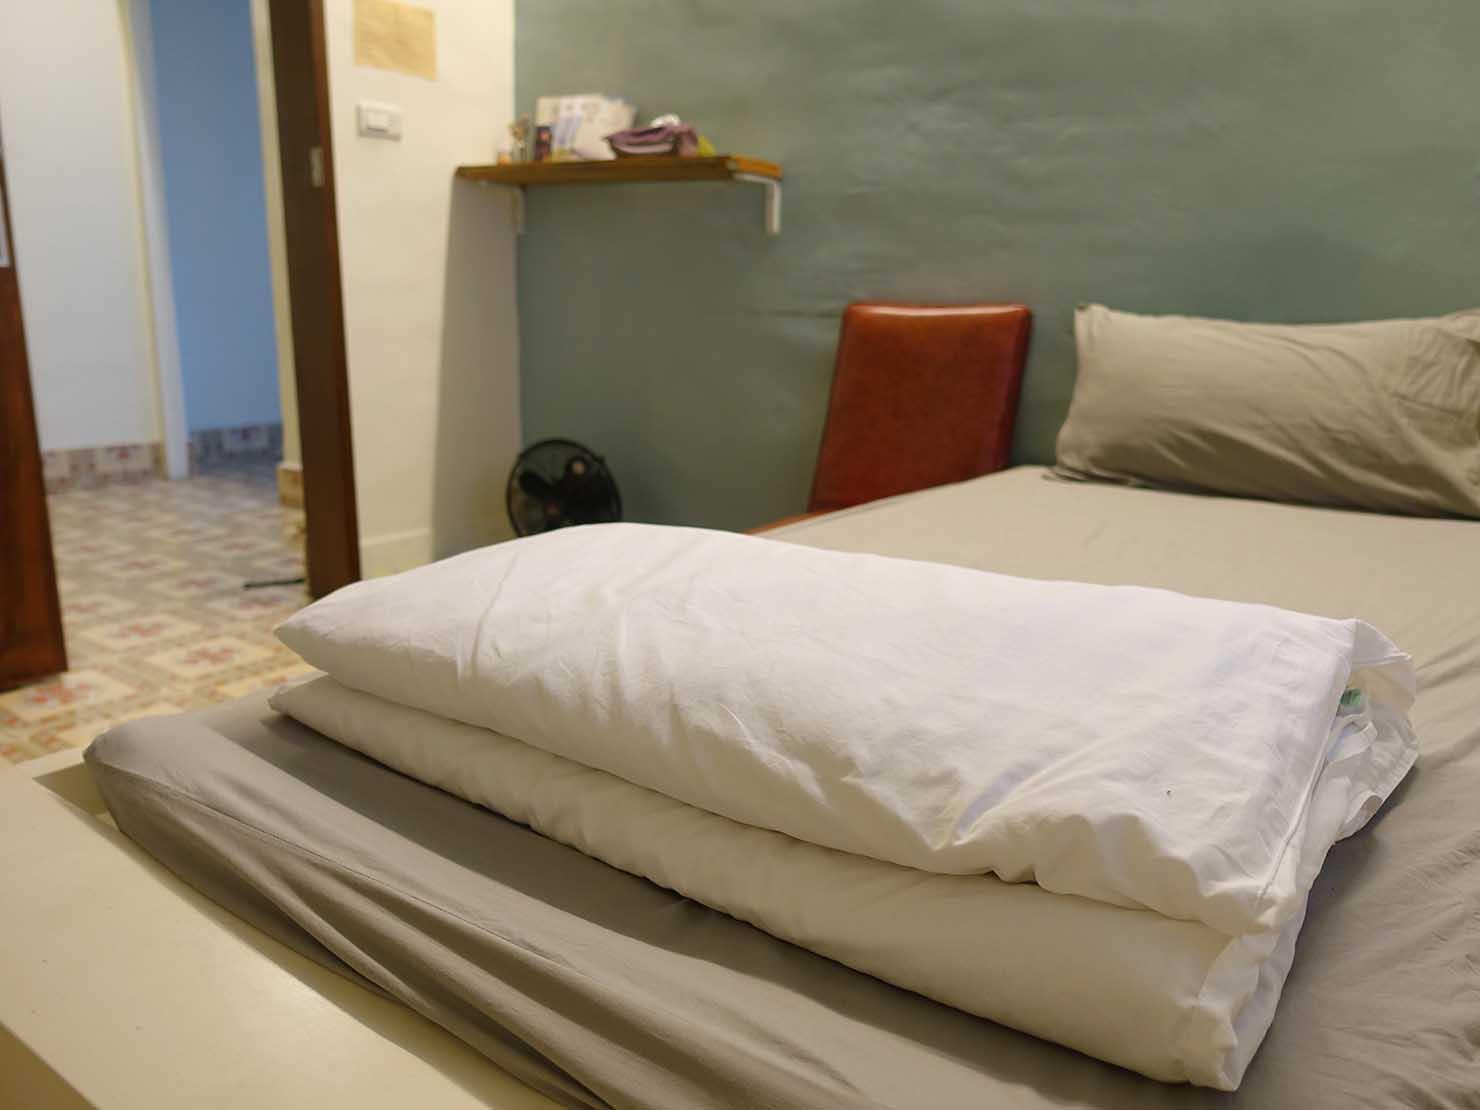 花蓮市街中心部のレトロかわいいおすすめゲストハウス「花蓮日日 Hualien dairy」單人房(シングルルーム)のベッド